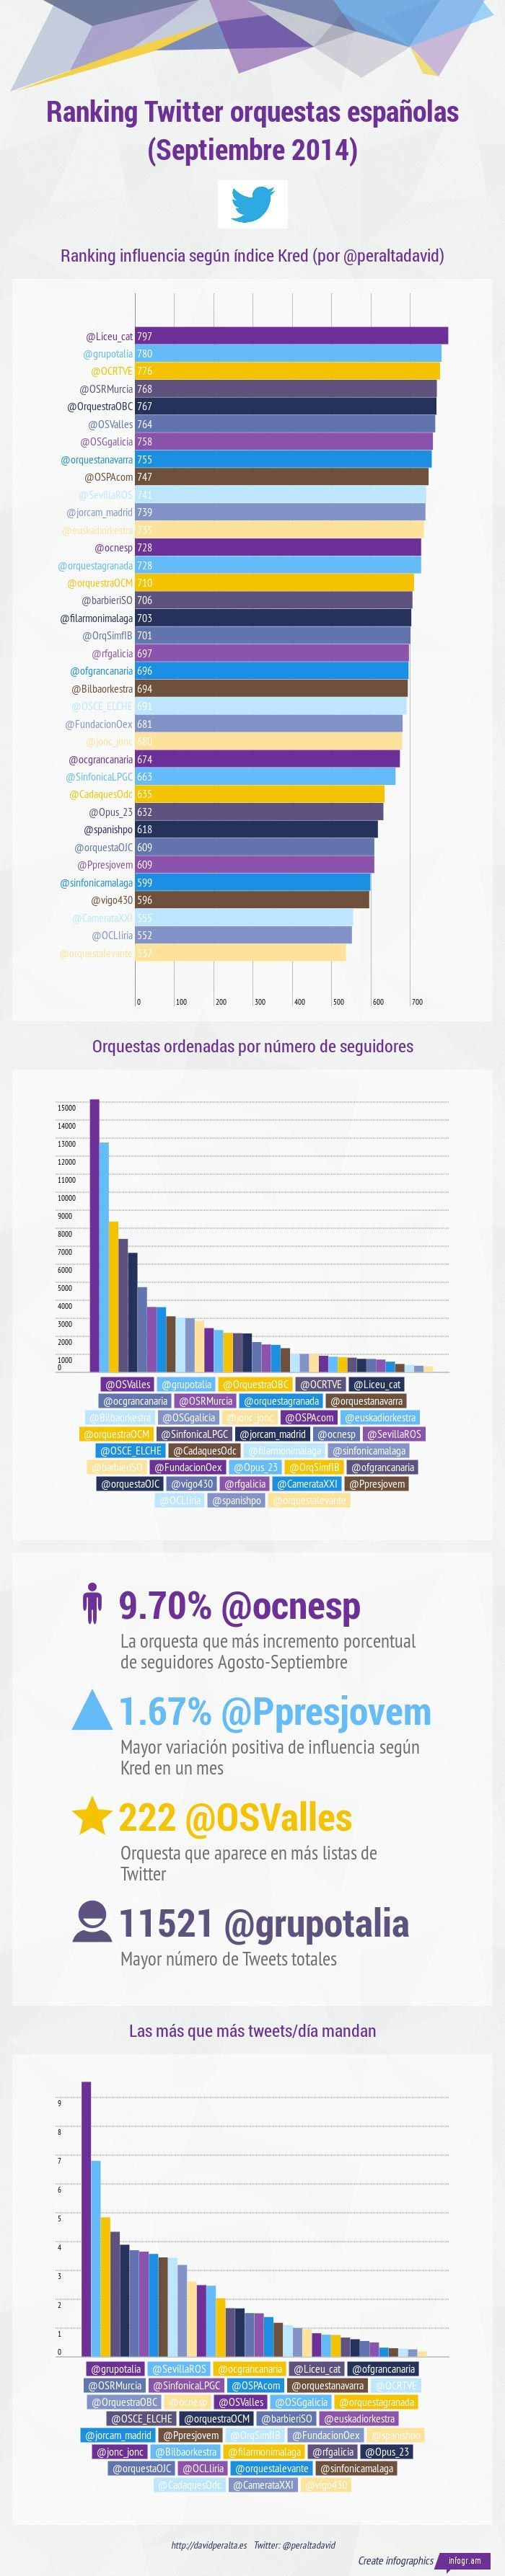 orquestas espanolas en Twitter ranking septiembre 2014